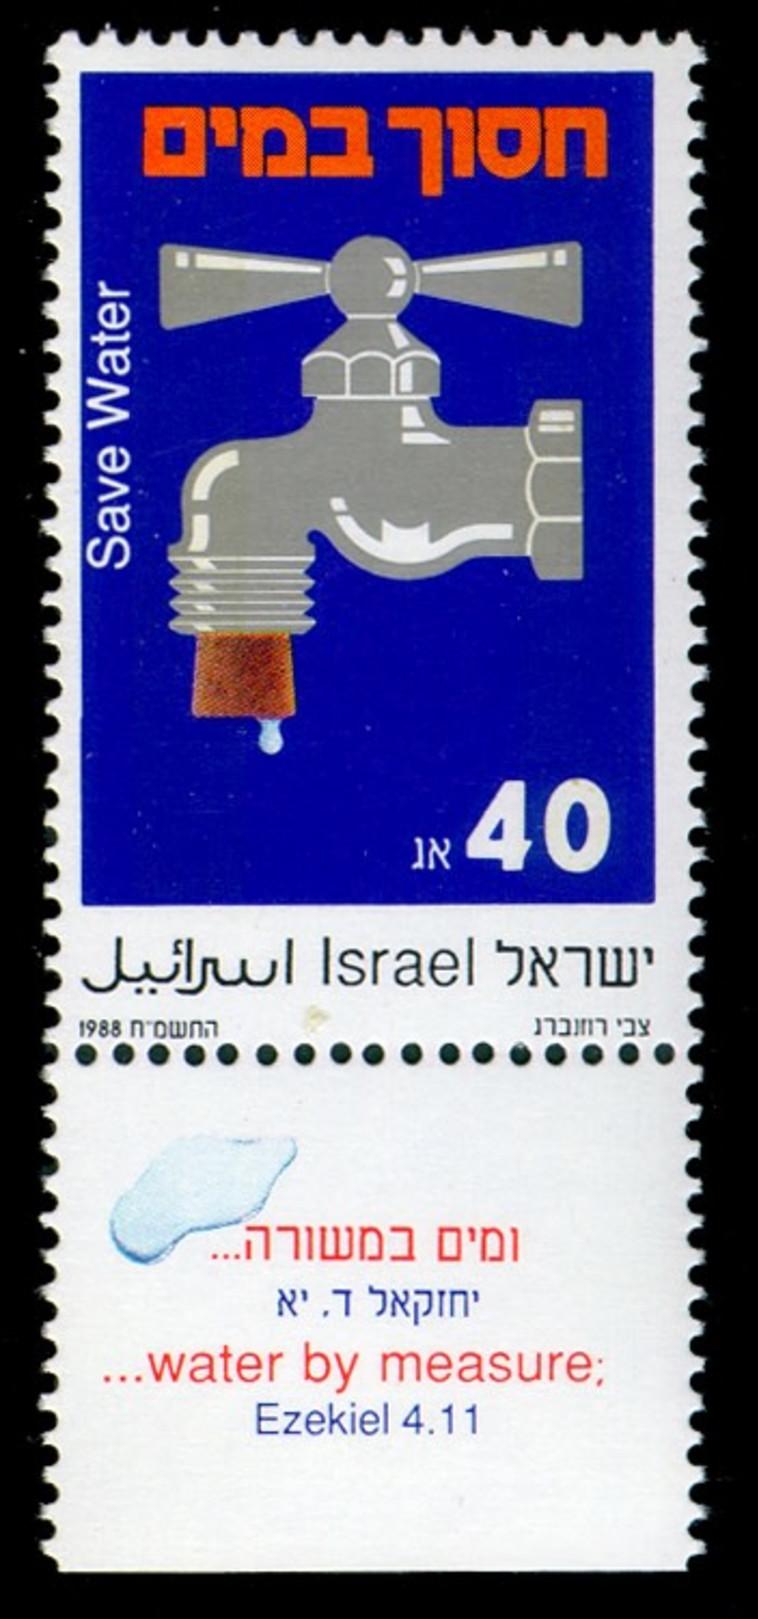 בול חסכון במים, שנת הנפקה 1988 (צילום: באדיבות השירות הבולאי בדואר ישראל)